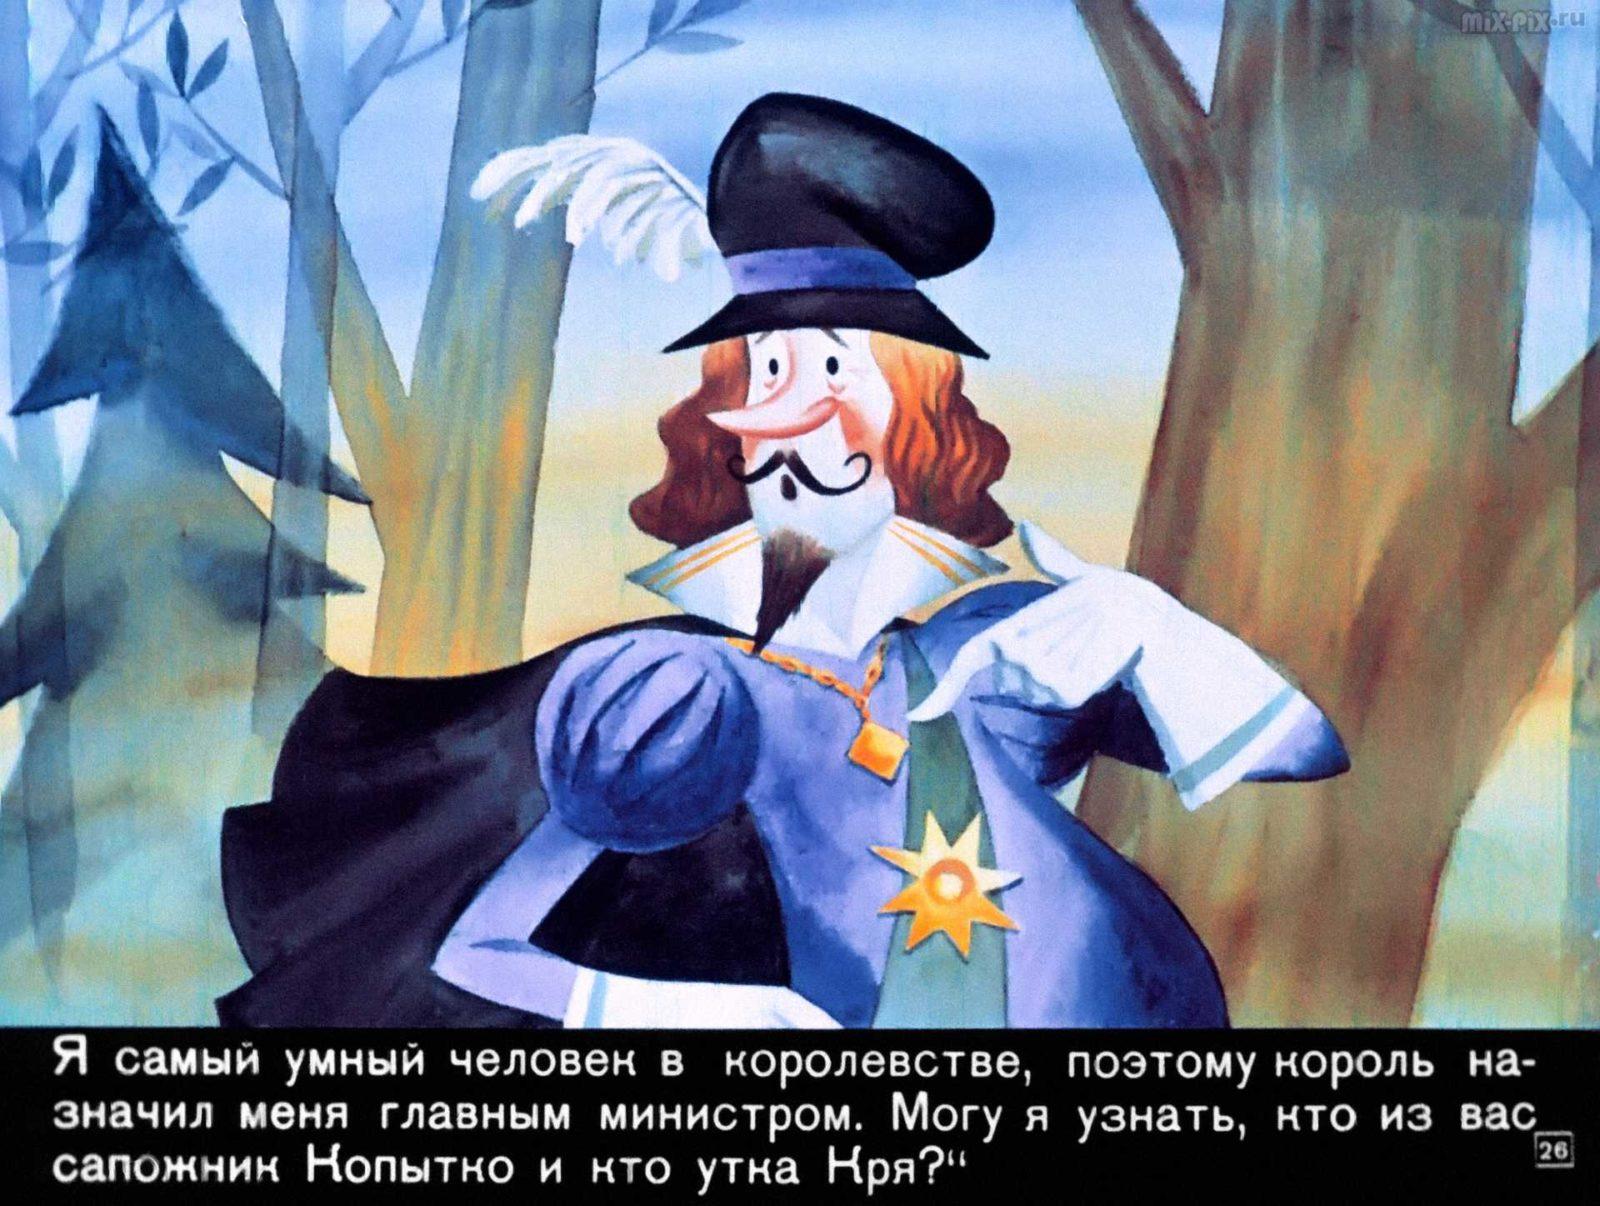 Сапожник Копытко и утка Кря (1972) 35